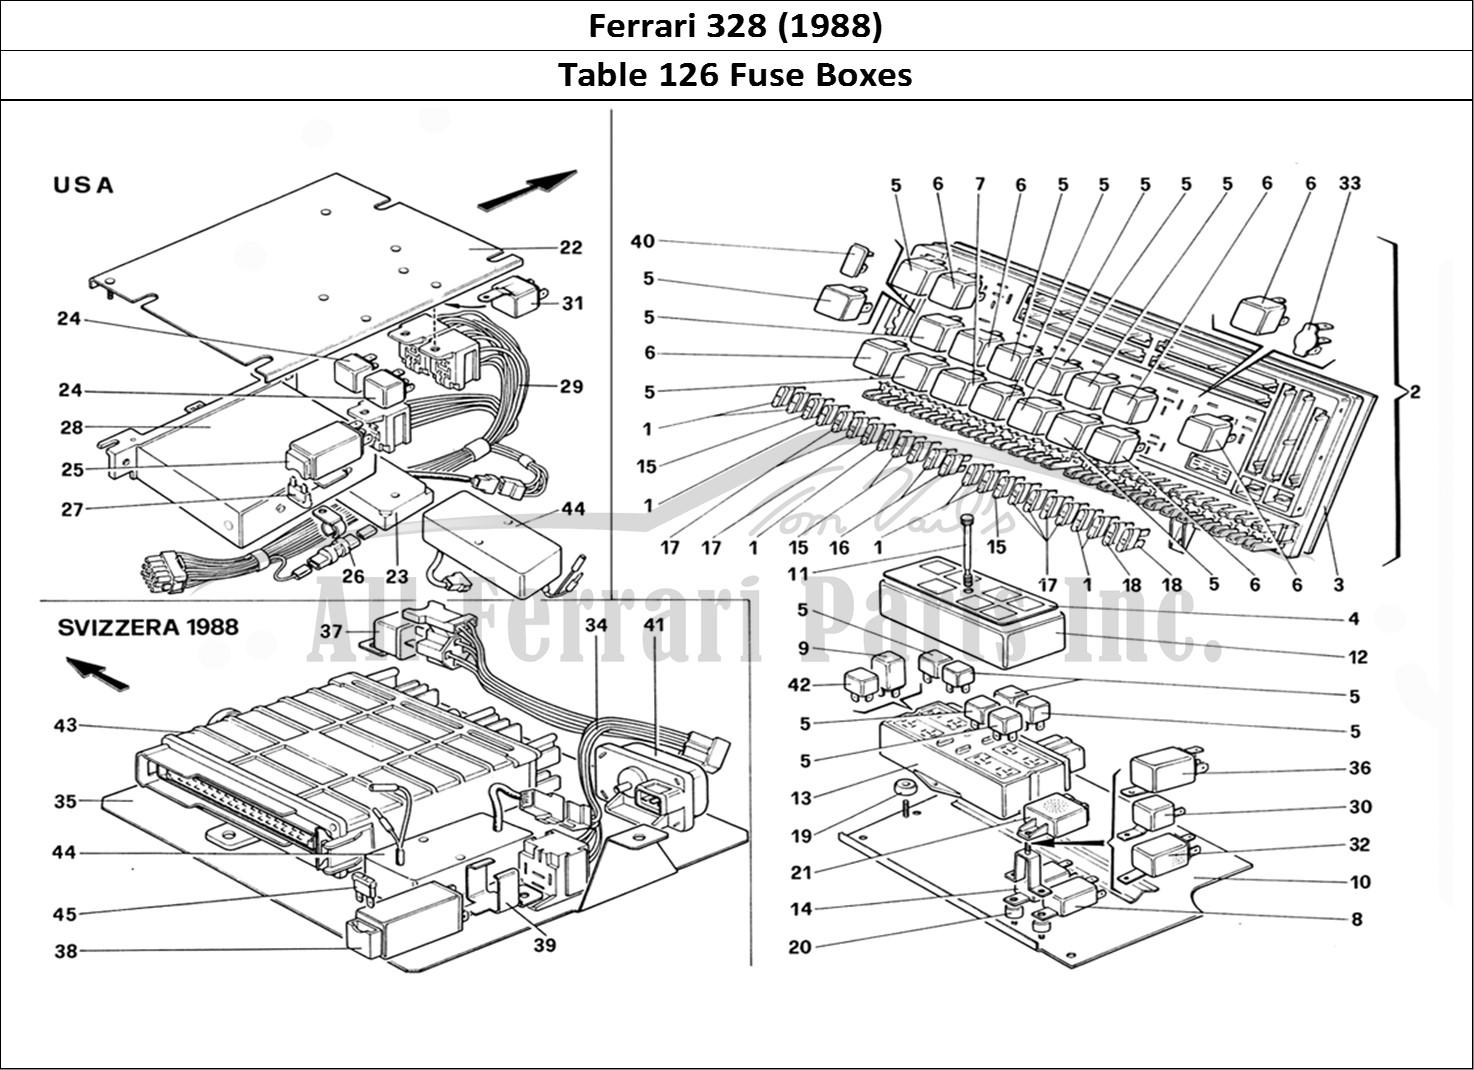 Buy Original Ferrari 328 126 Fuse Boxes Ferrari Parts Spares Accessories Online